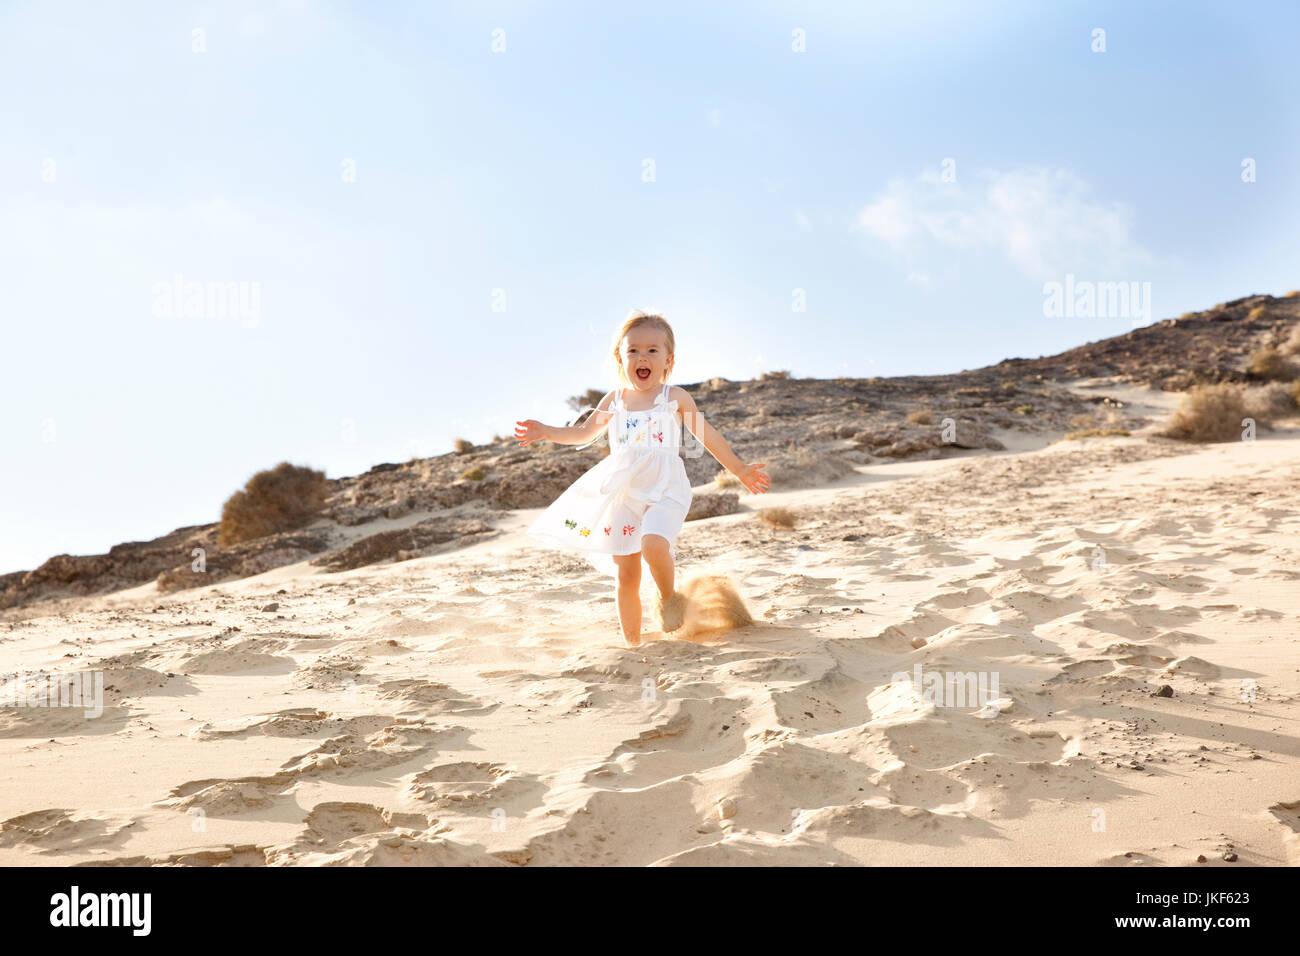 Spain, Fuerteventura, girl running down dune on the beach - Stock Image